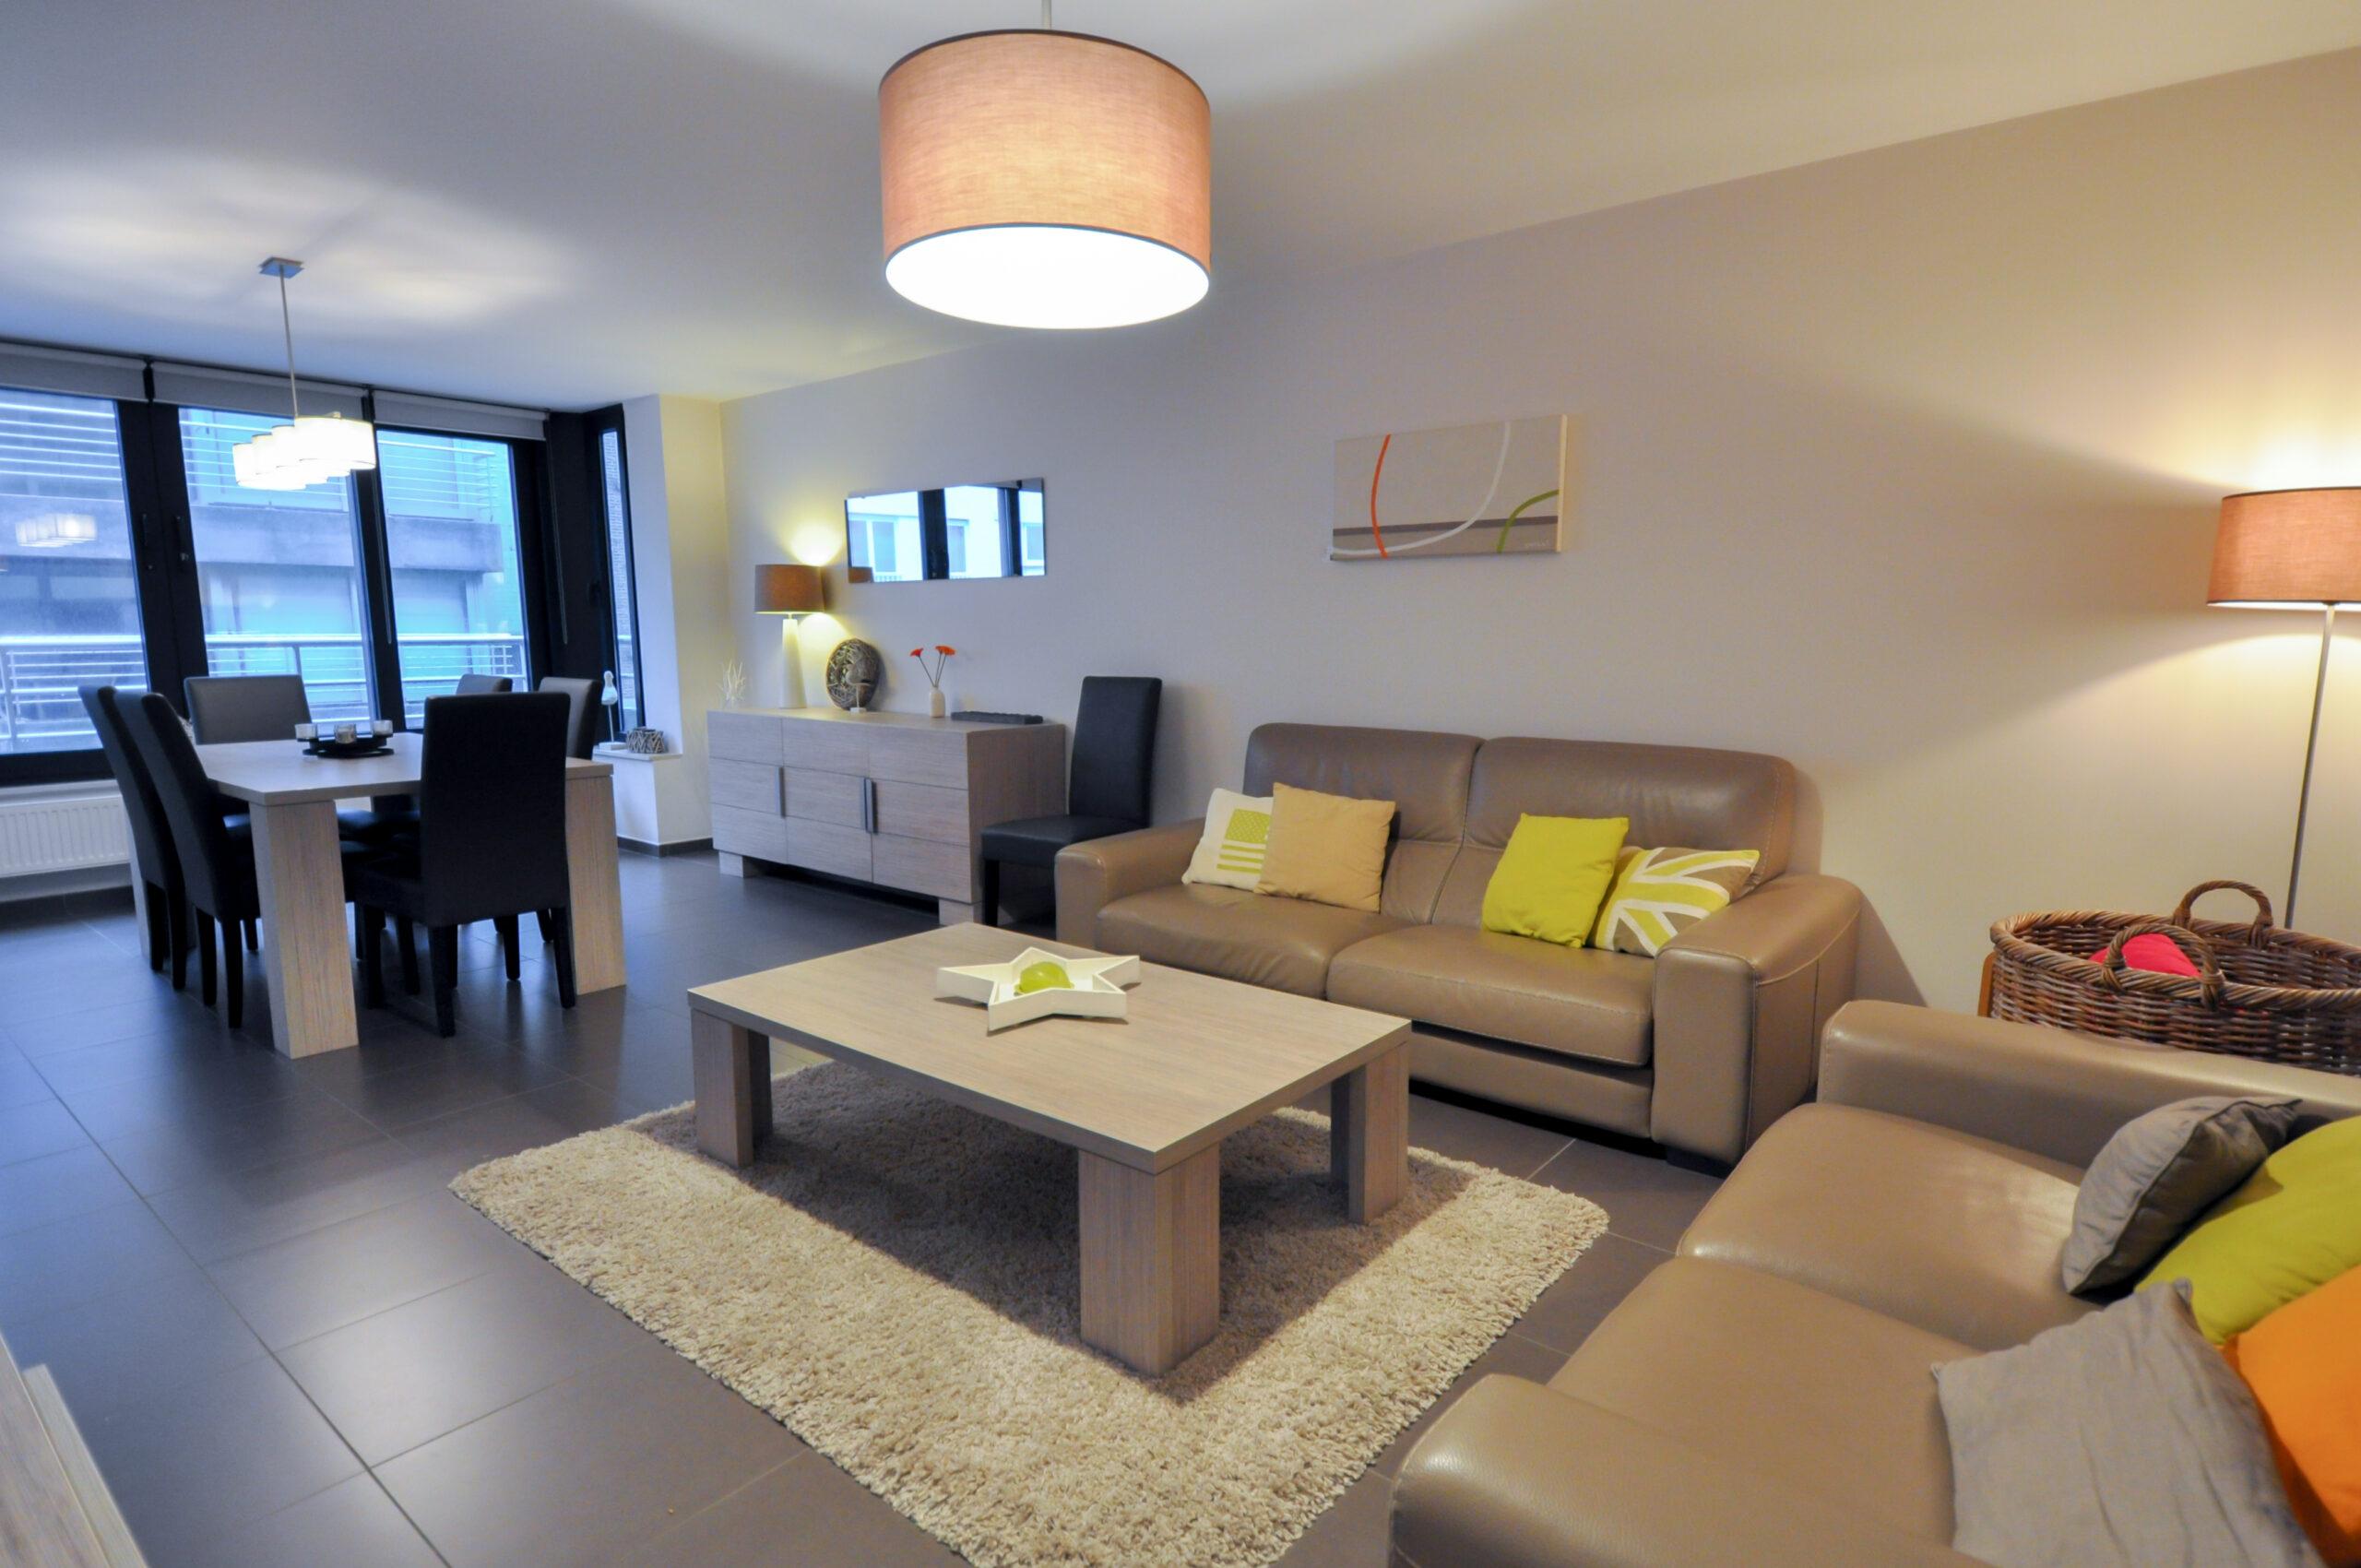 Appartement charmant proche de la digue et la place Rubens